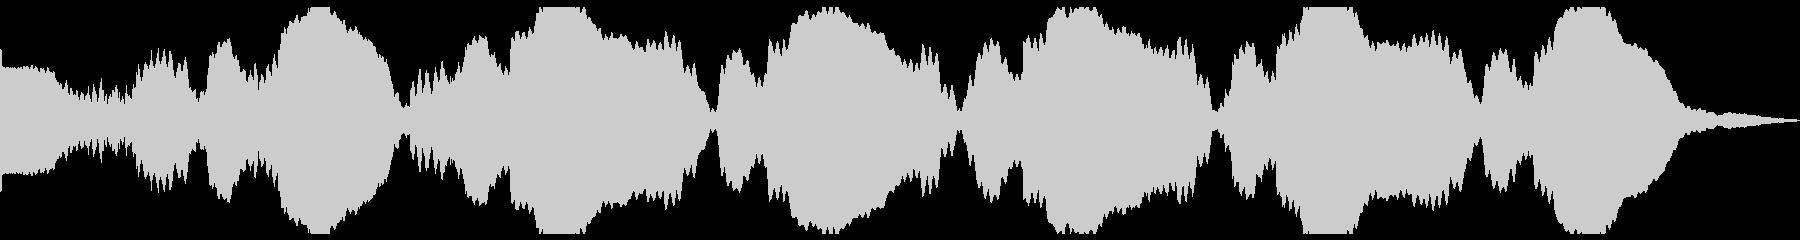 テキストグローゴングパルスの未再生の波形